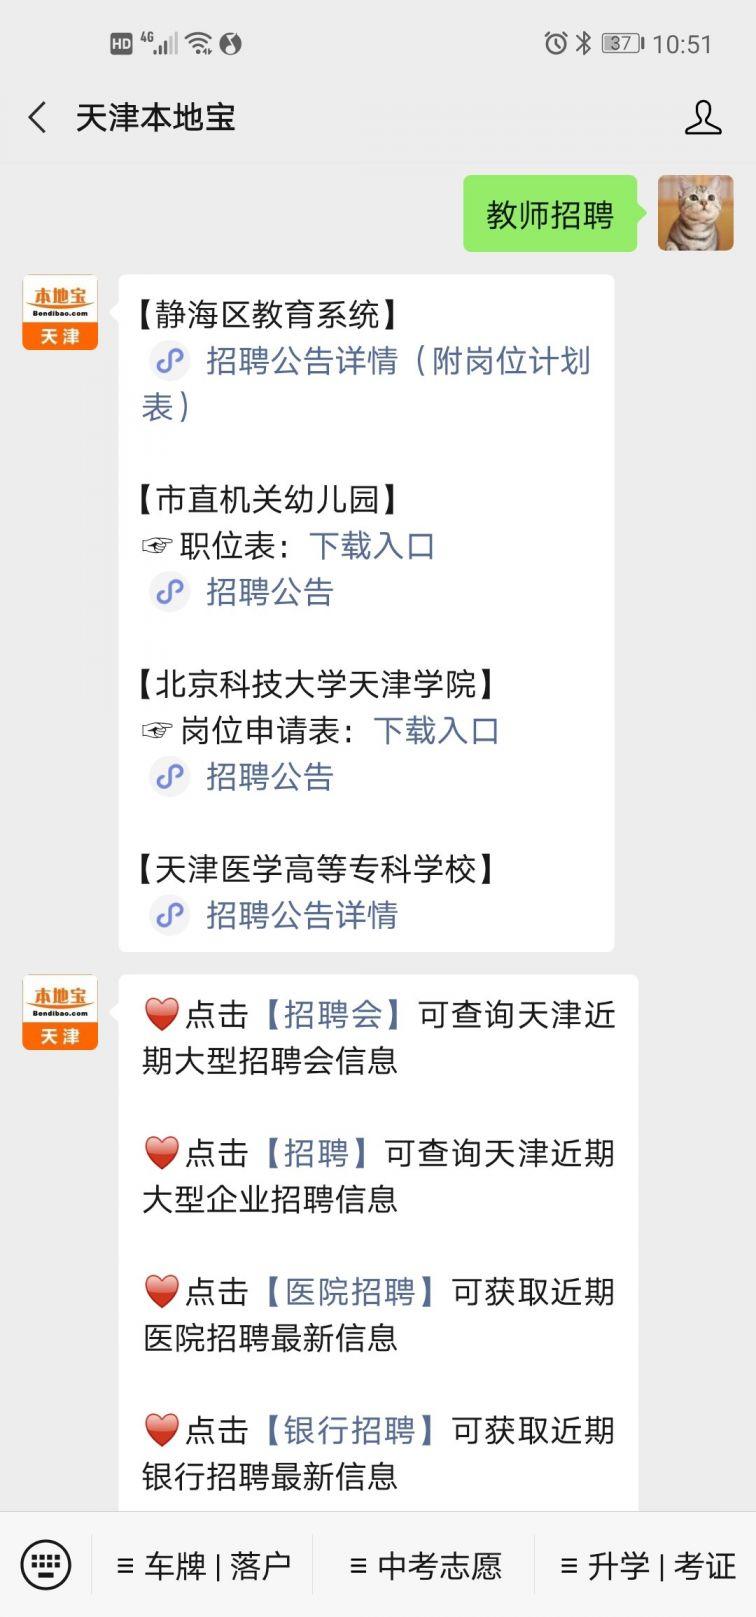 2020年天津市第一商业学校招聘教师公告详情